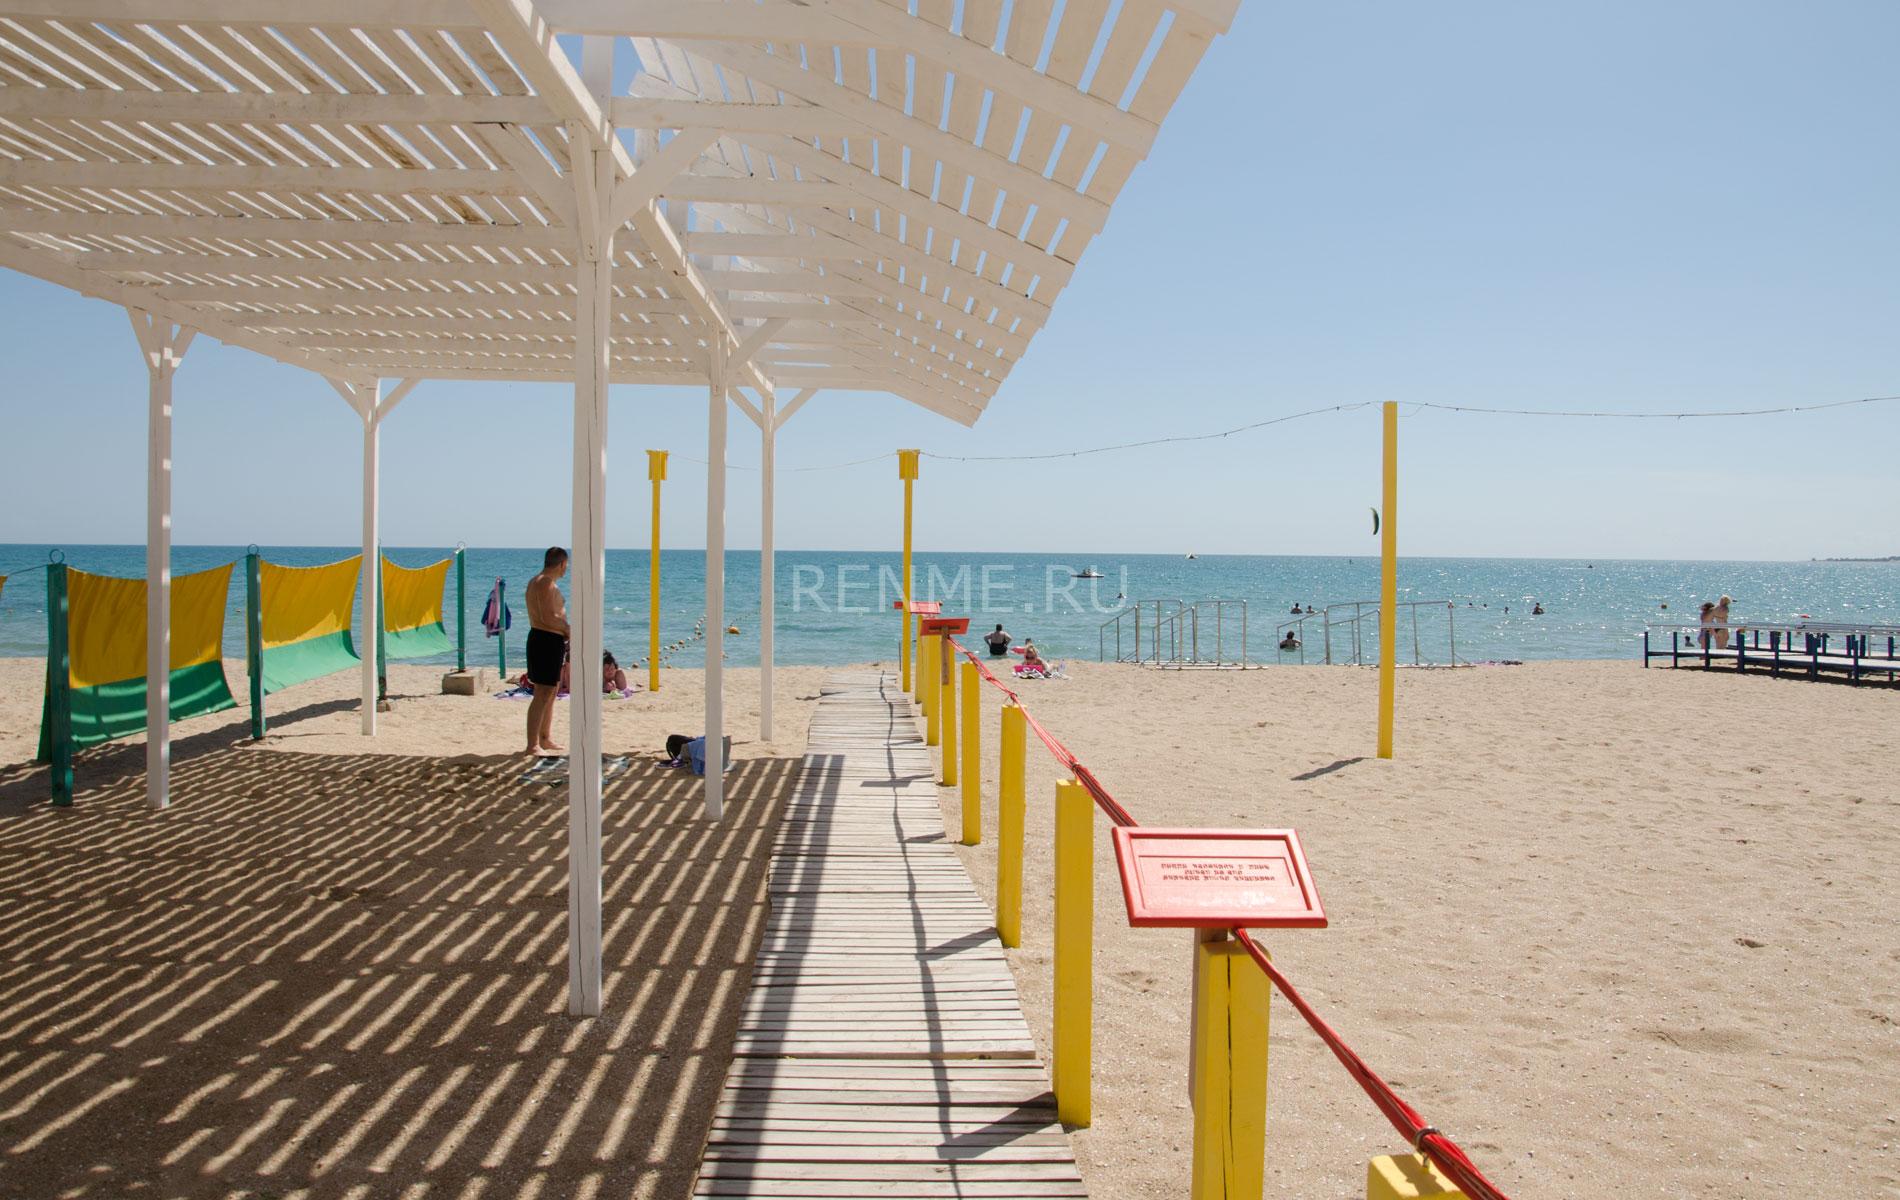 Оборудованный пляж для инвалидов. Фото Евпатории